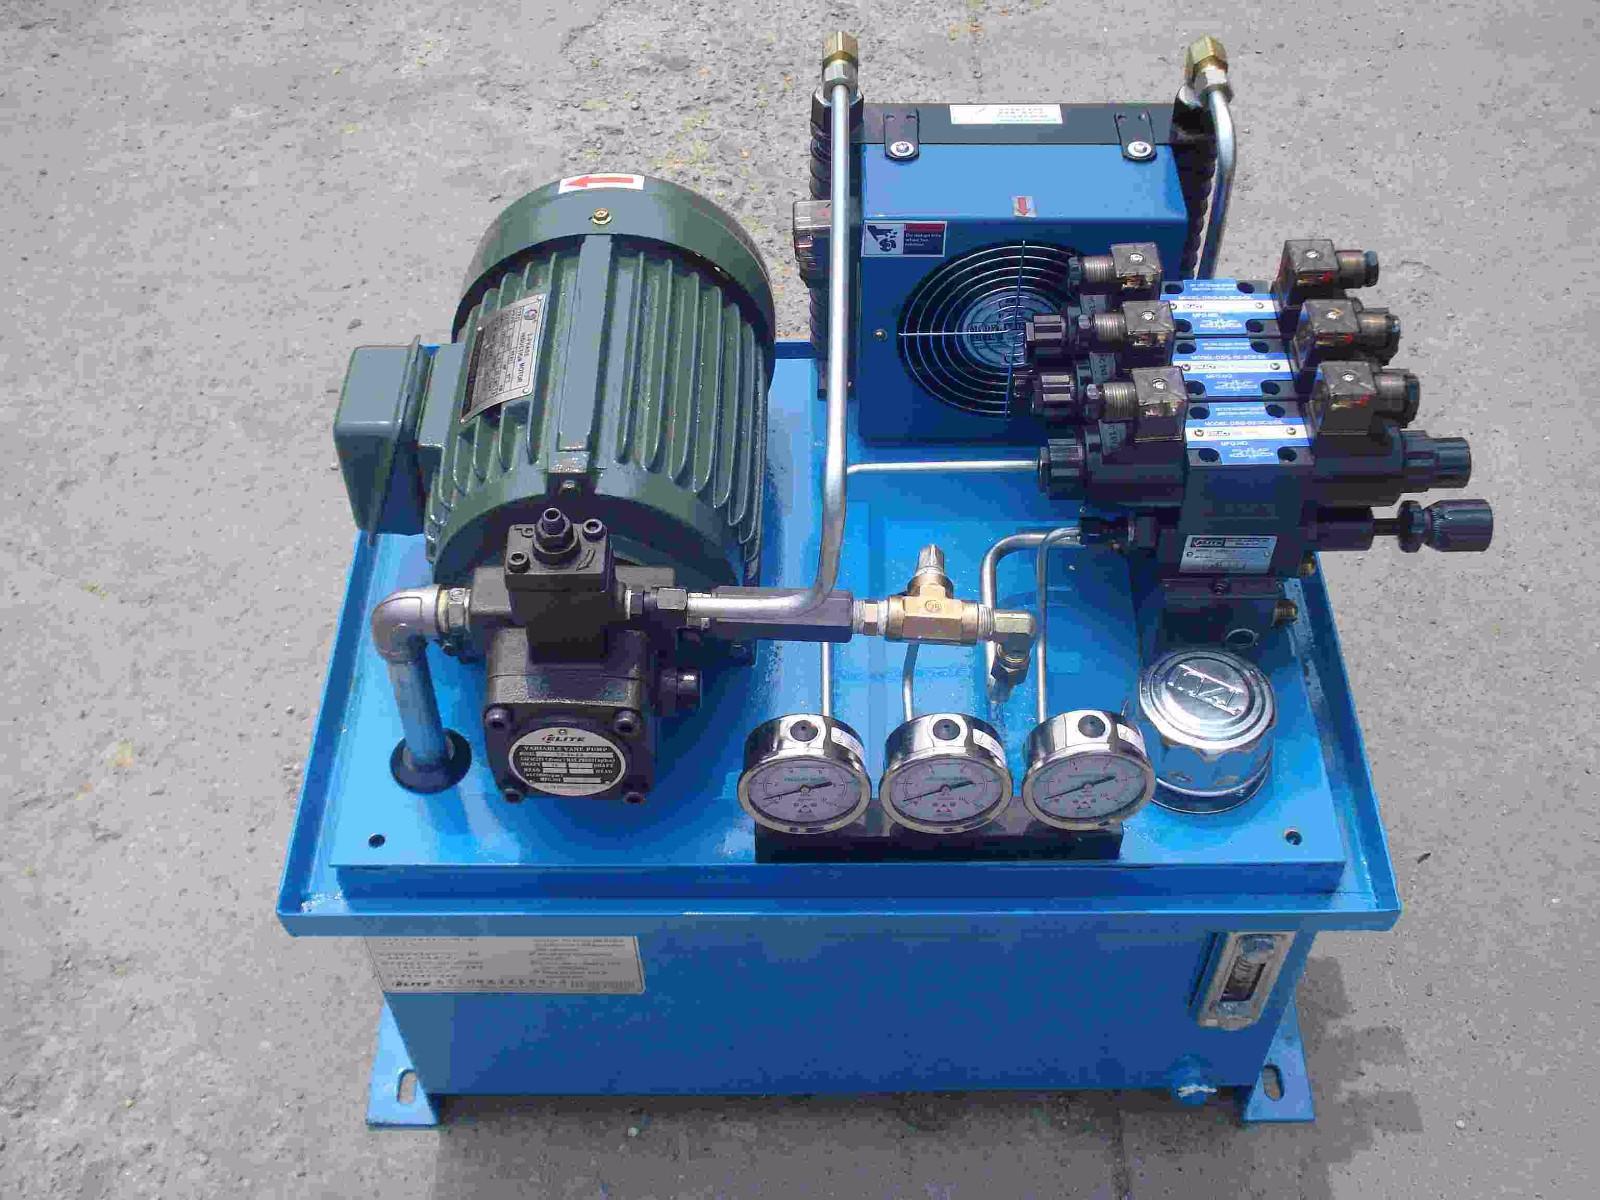 玉正液压塘沽区BM-D100摆线齿轮马达铸造辉煌